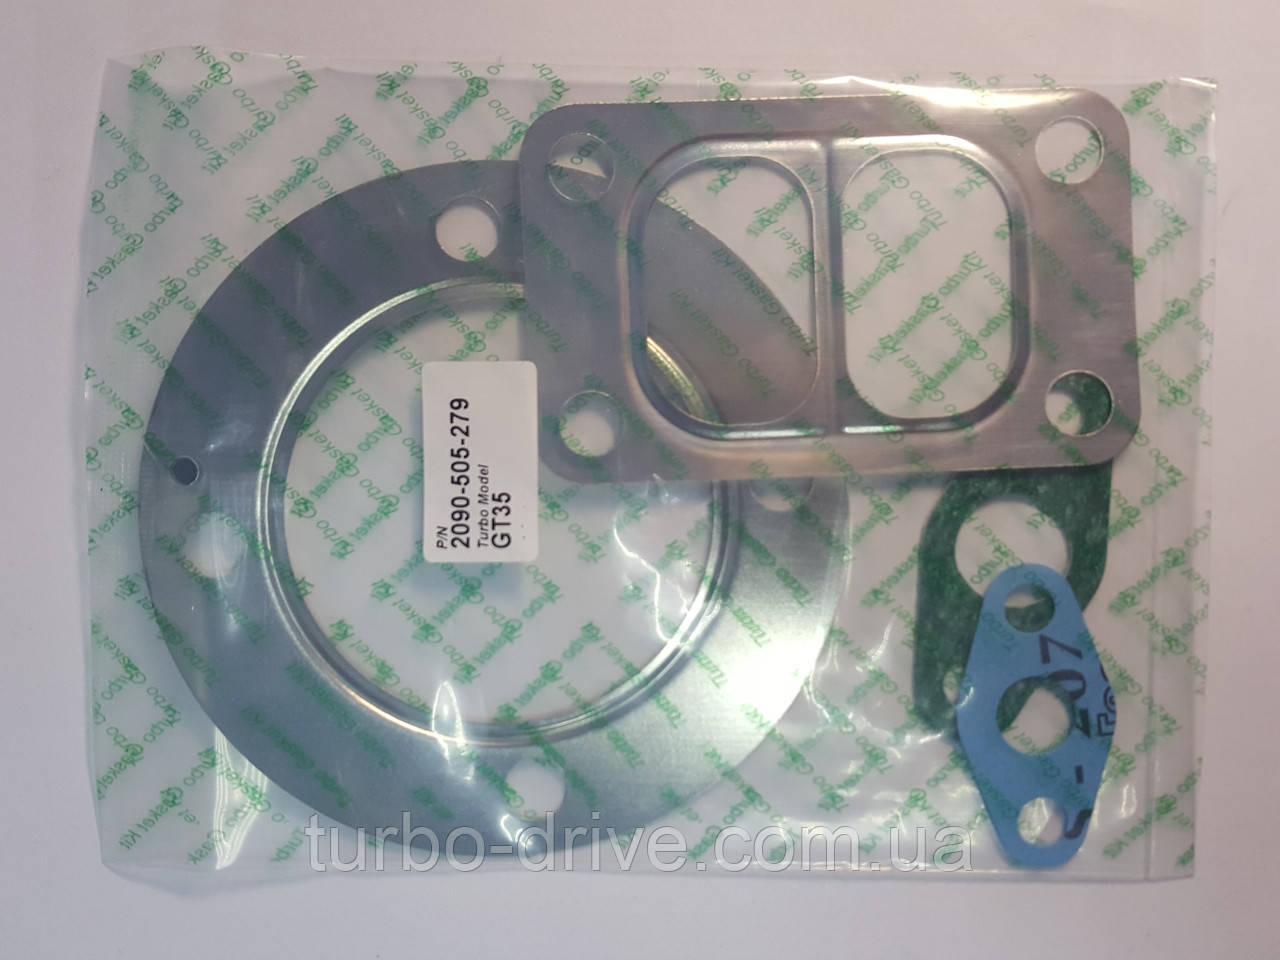 Комплект прокладок турбины MAN 8.224 D0826LF01 / LFL / LUH (1995-) 6.9 D